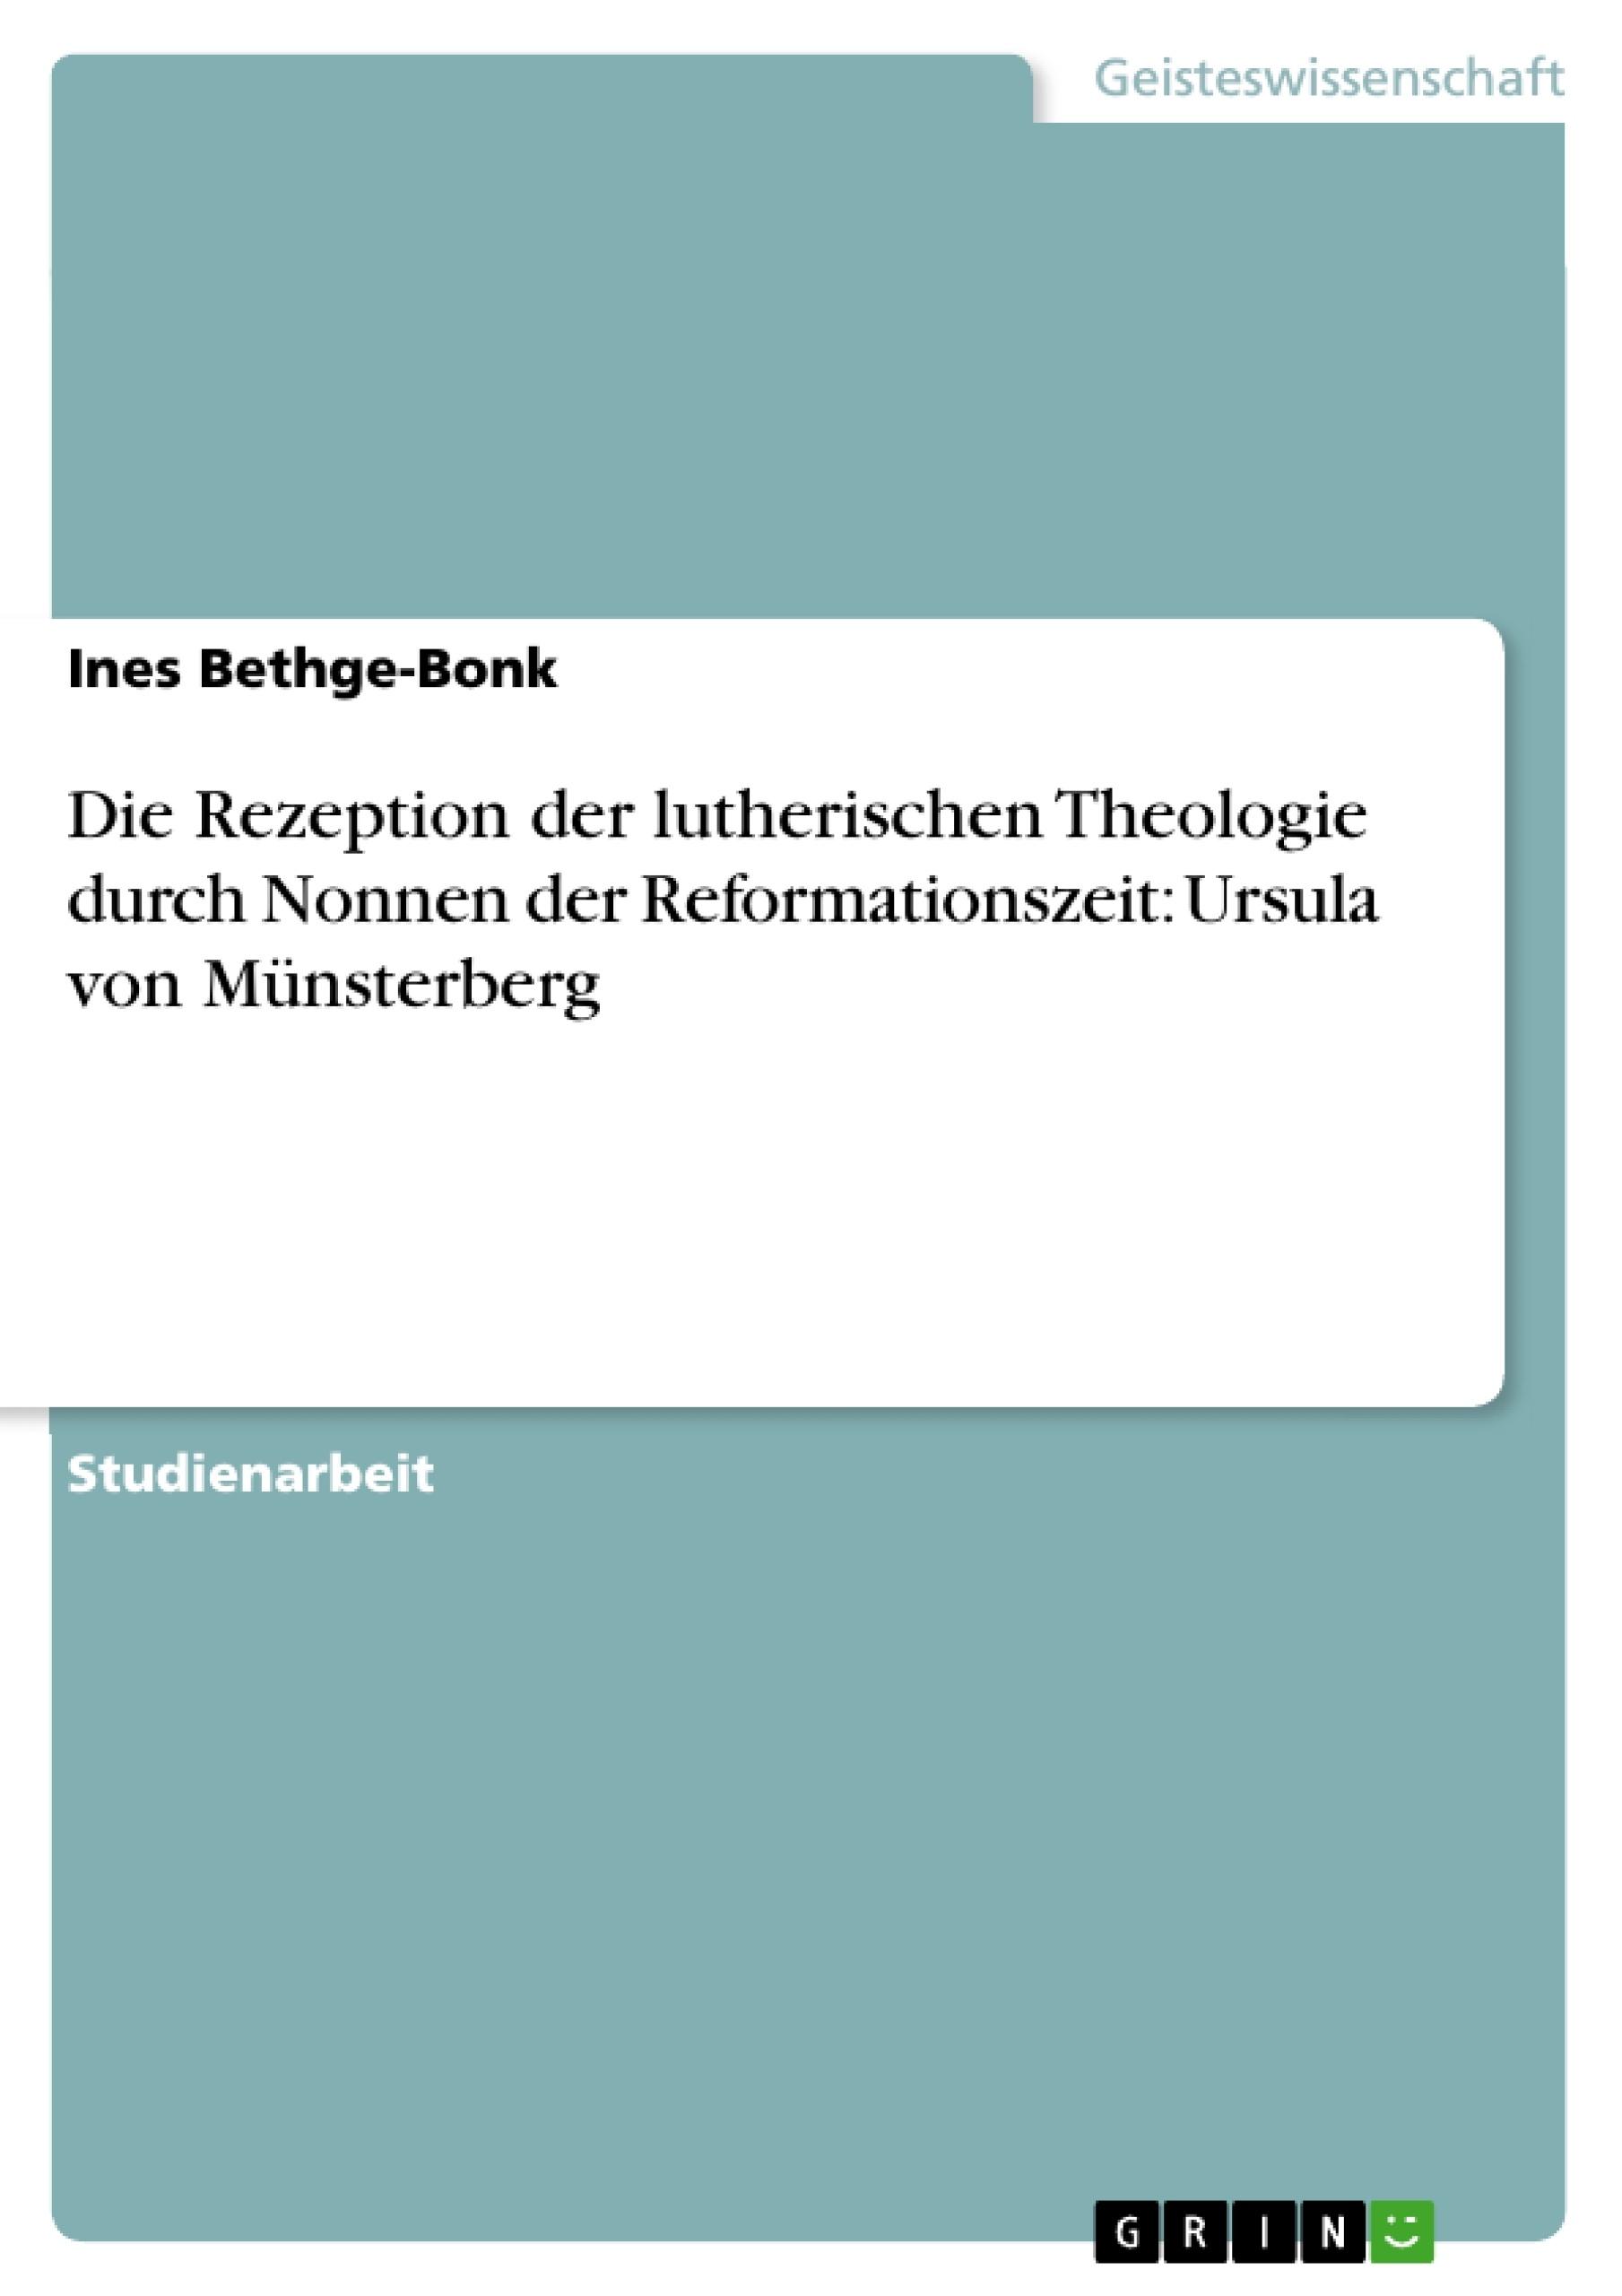 Titel: Die Rezeption der lutherischen Theologie durch Nonnen der Reformationszeit: Ursula von Münsterberg